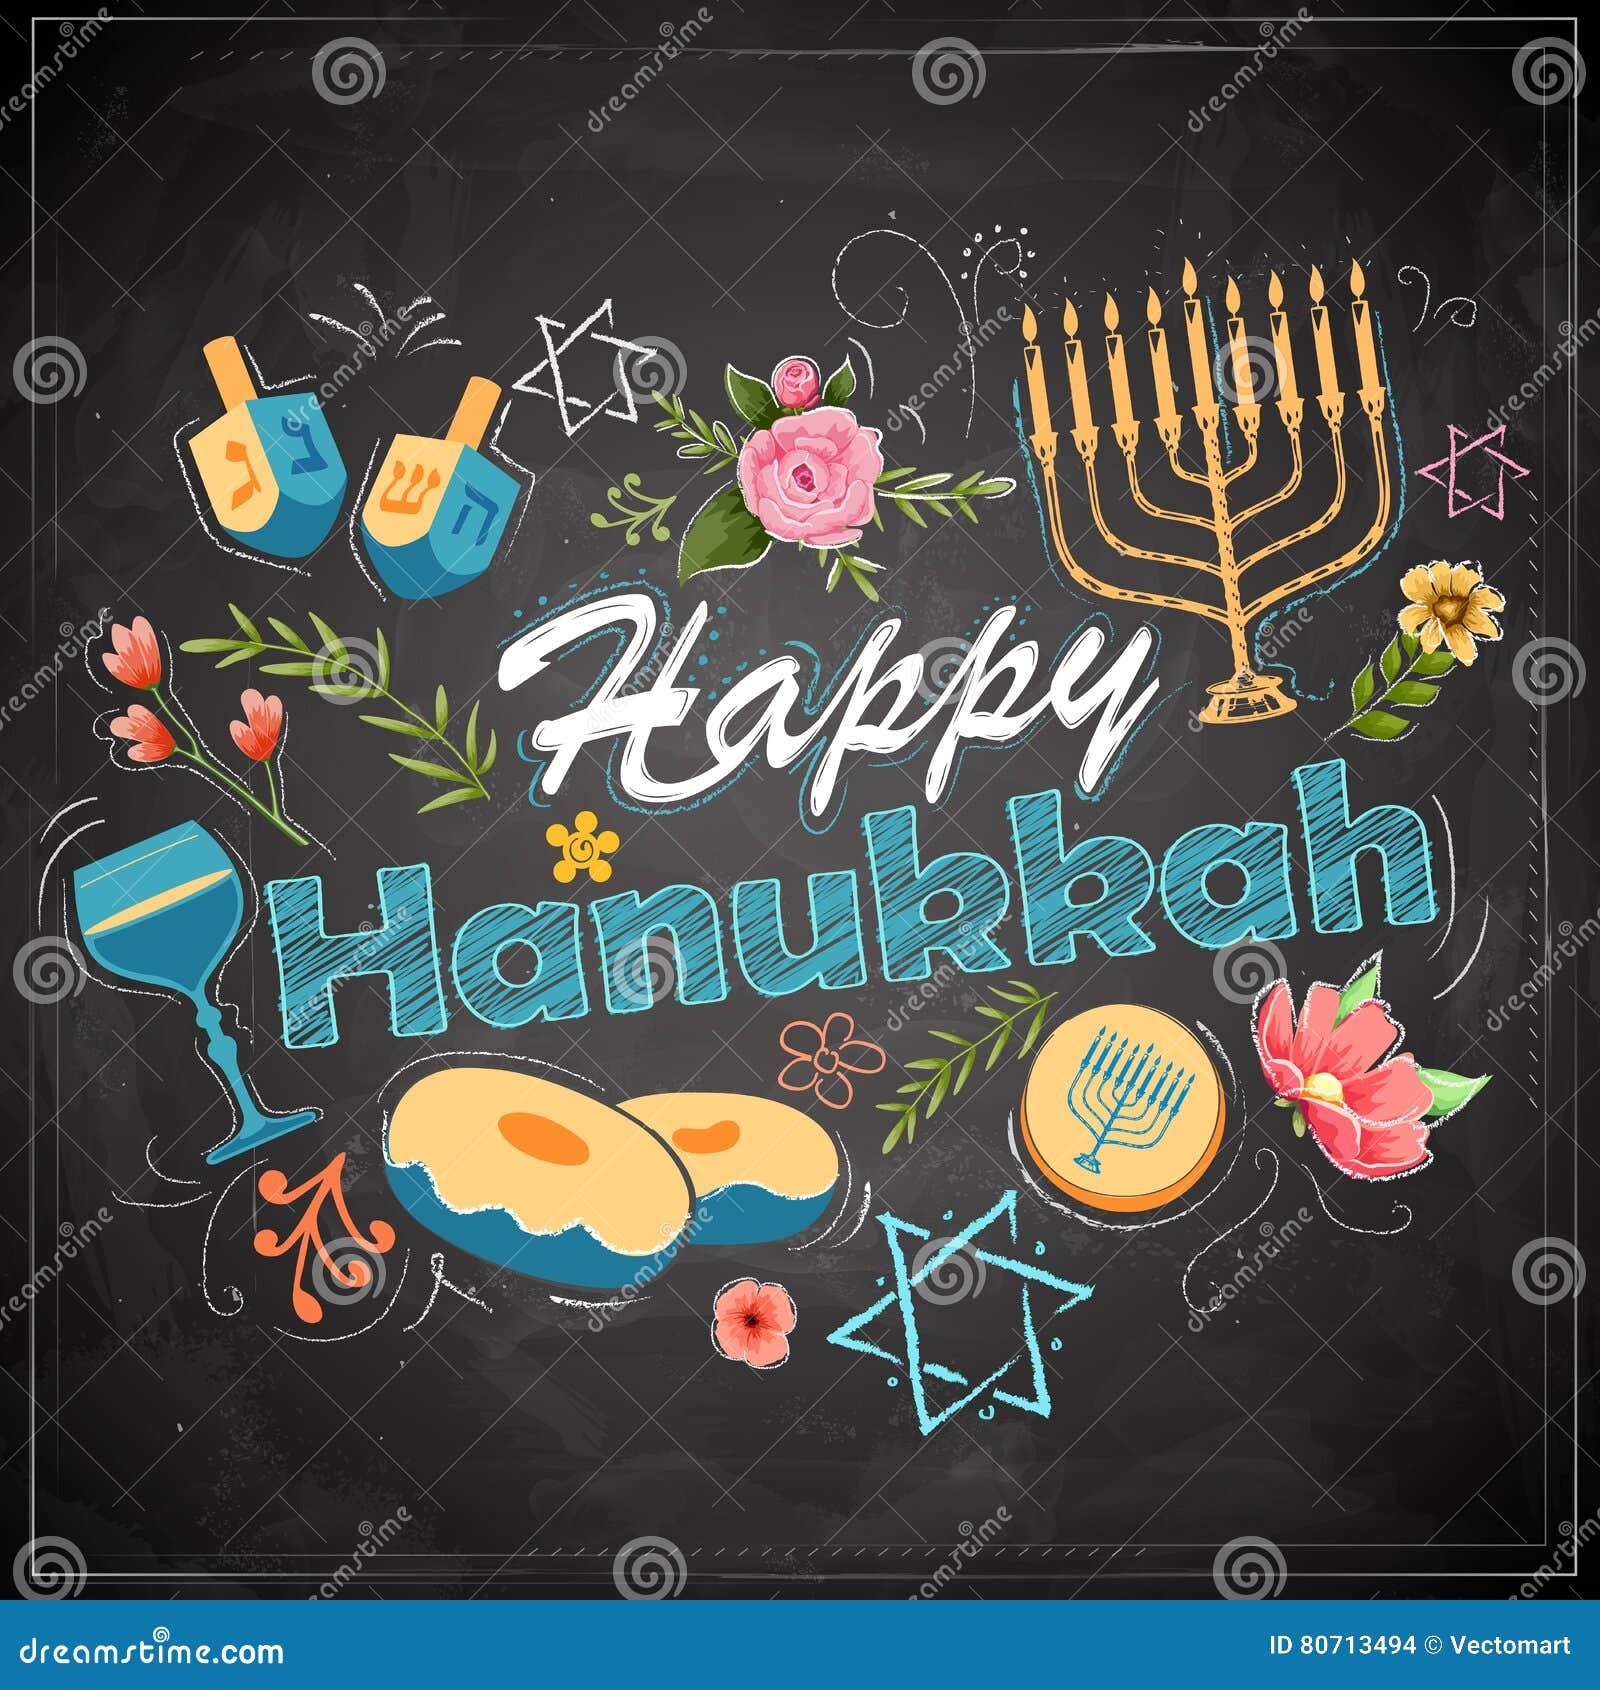 Glückliches Chanukka, jüdischer Feiertagshintergrund